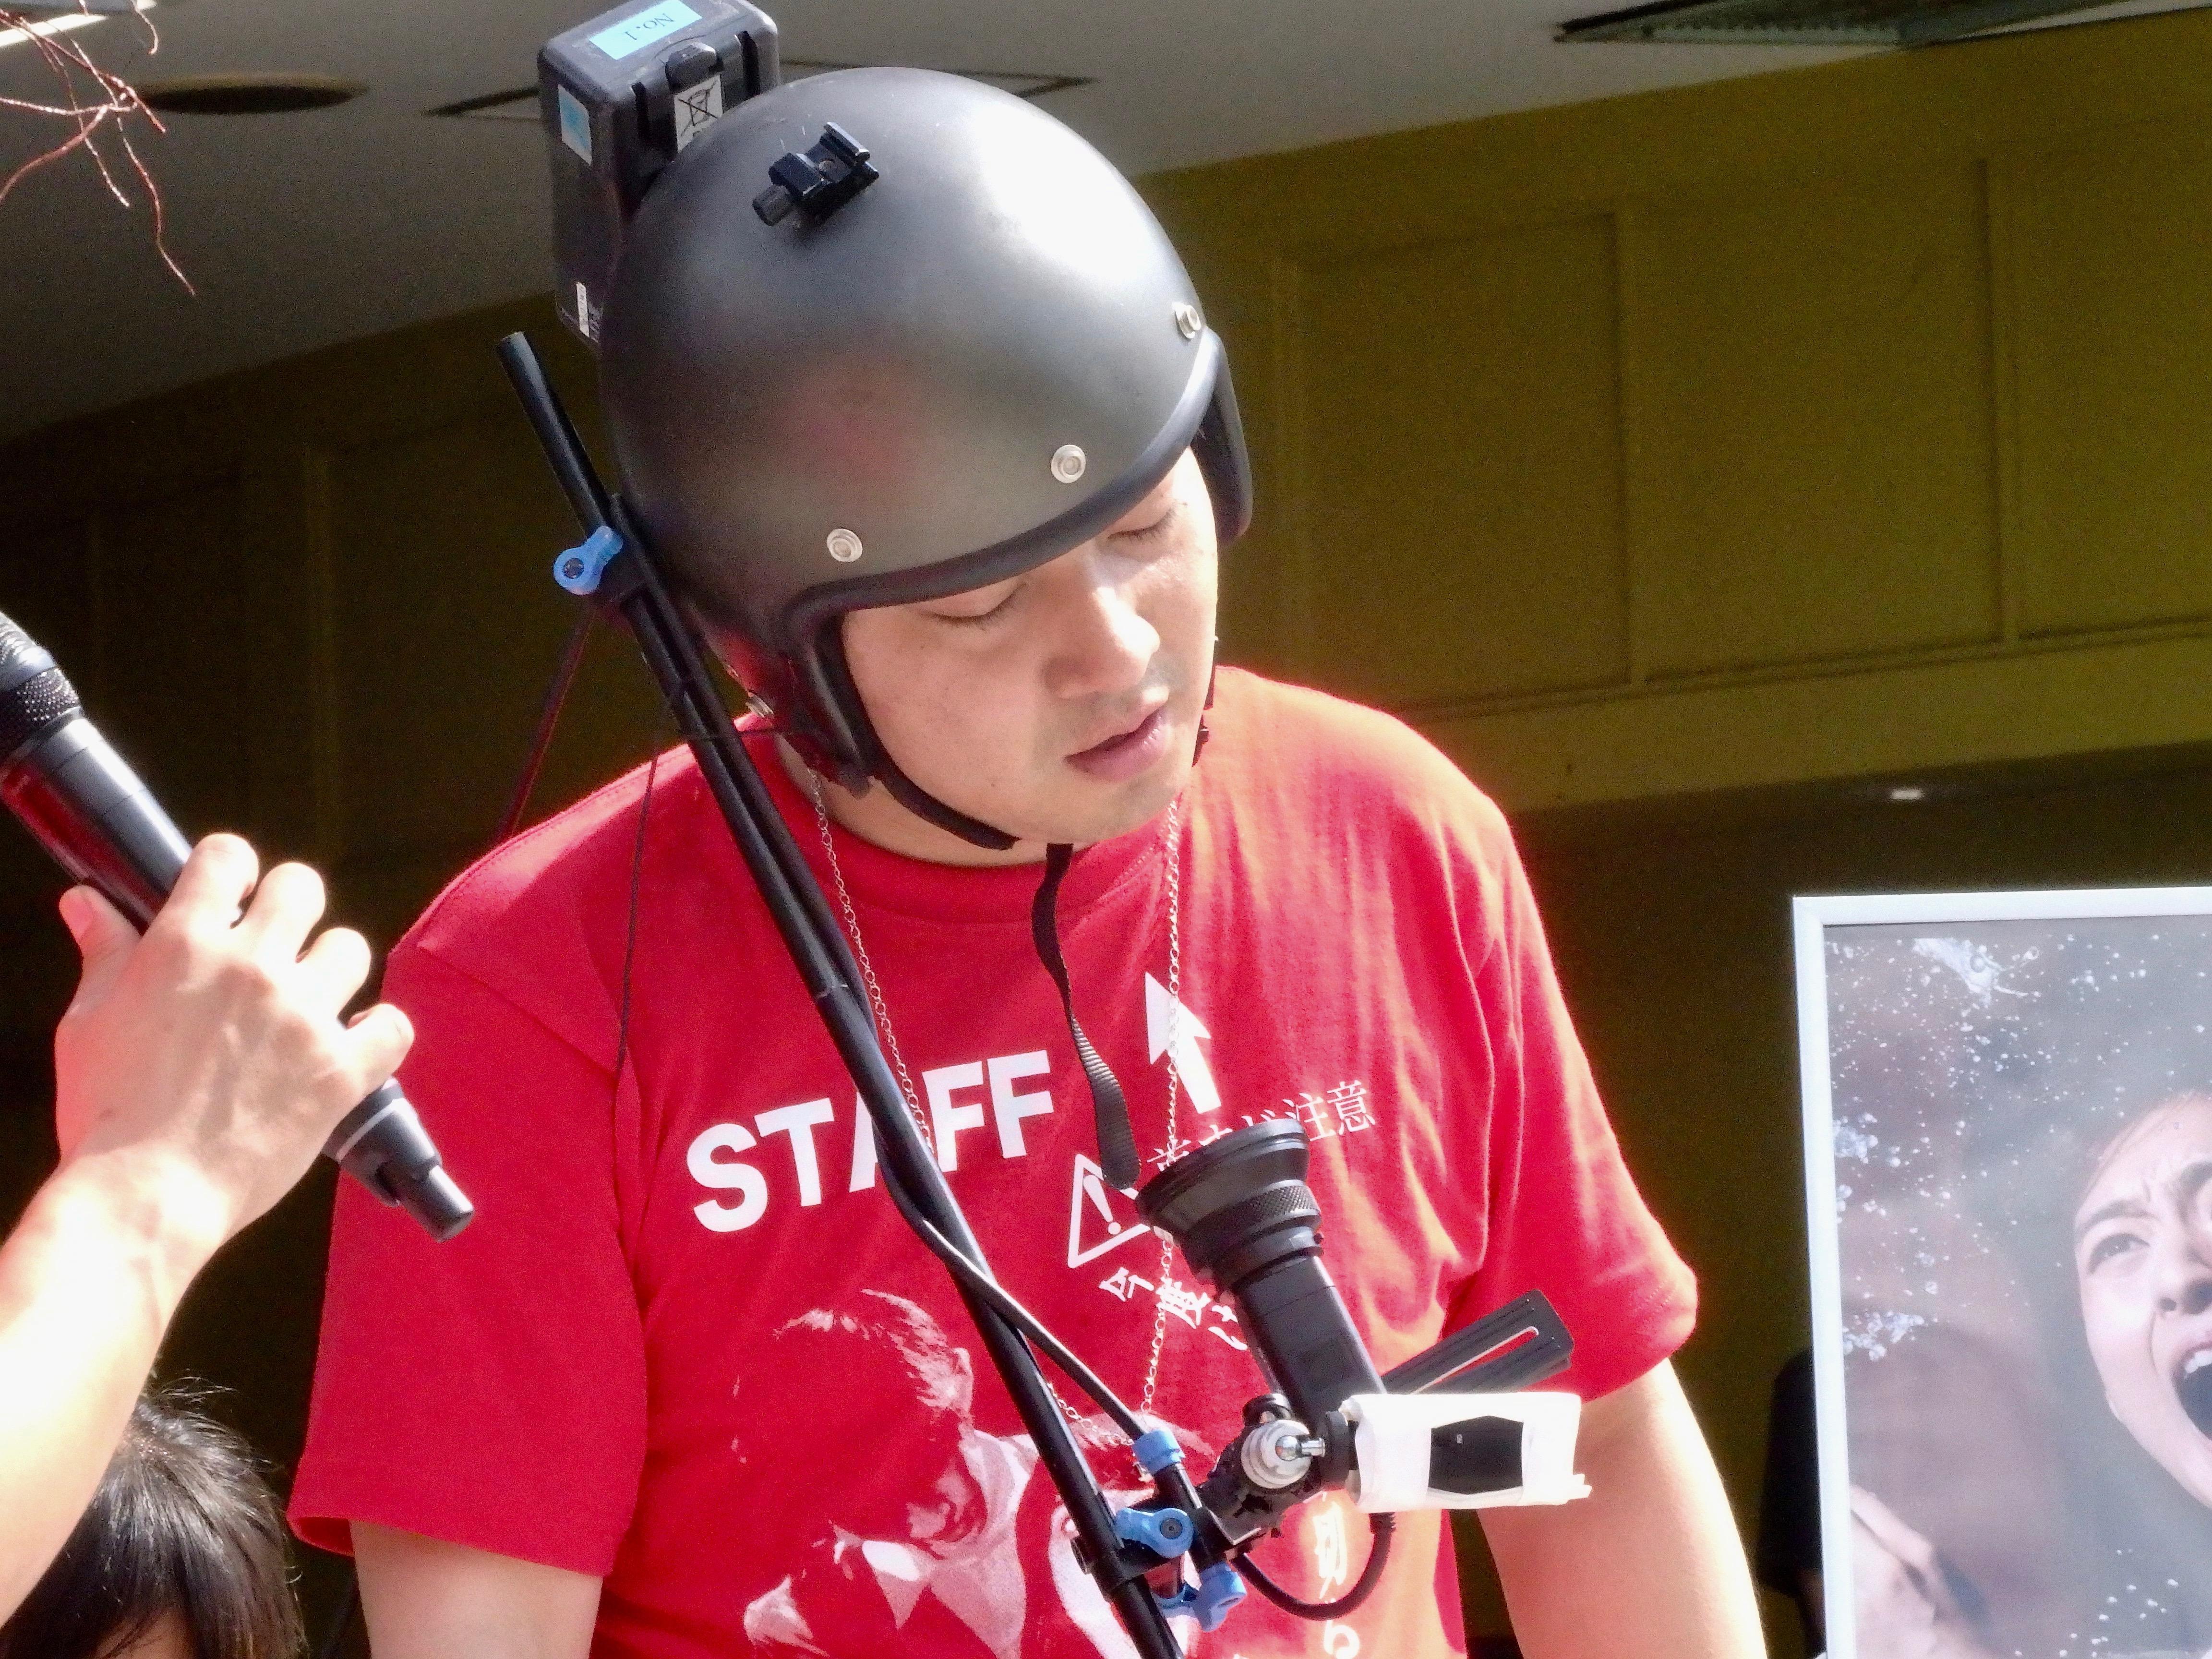 http://news.yoshimoto.co.jp/20170713060239-4bfaf03f4661a06d7b631057b1f058f56349f9f7.jpg